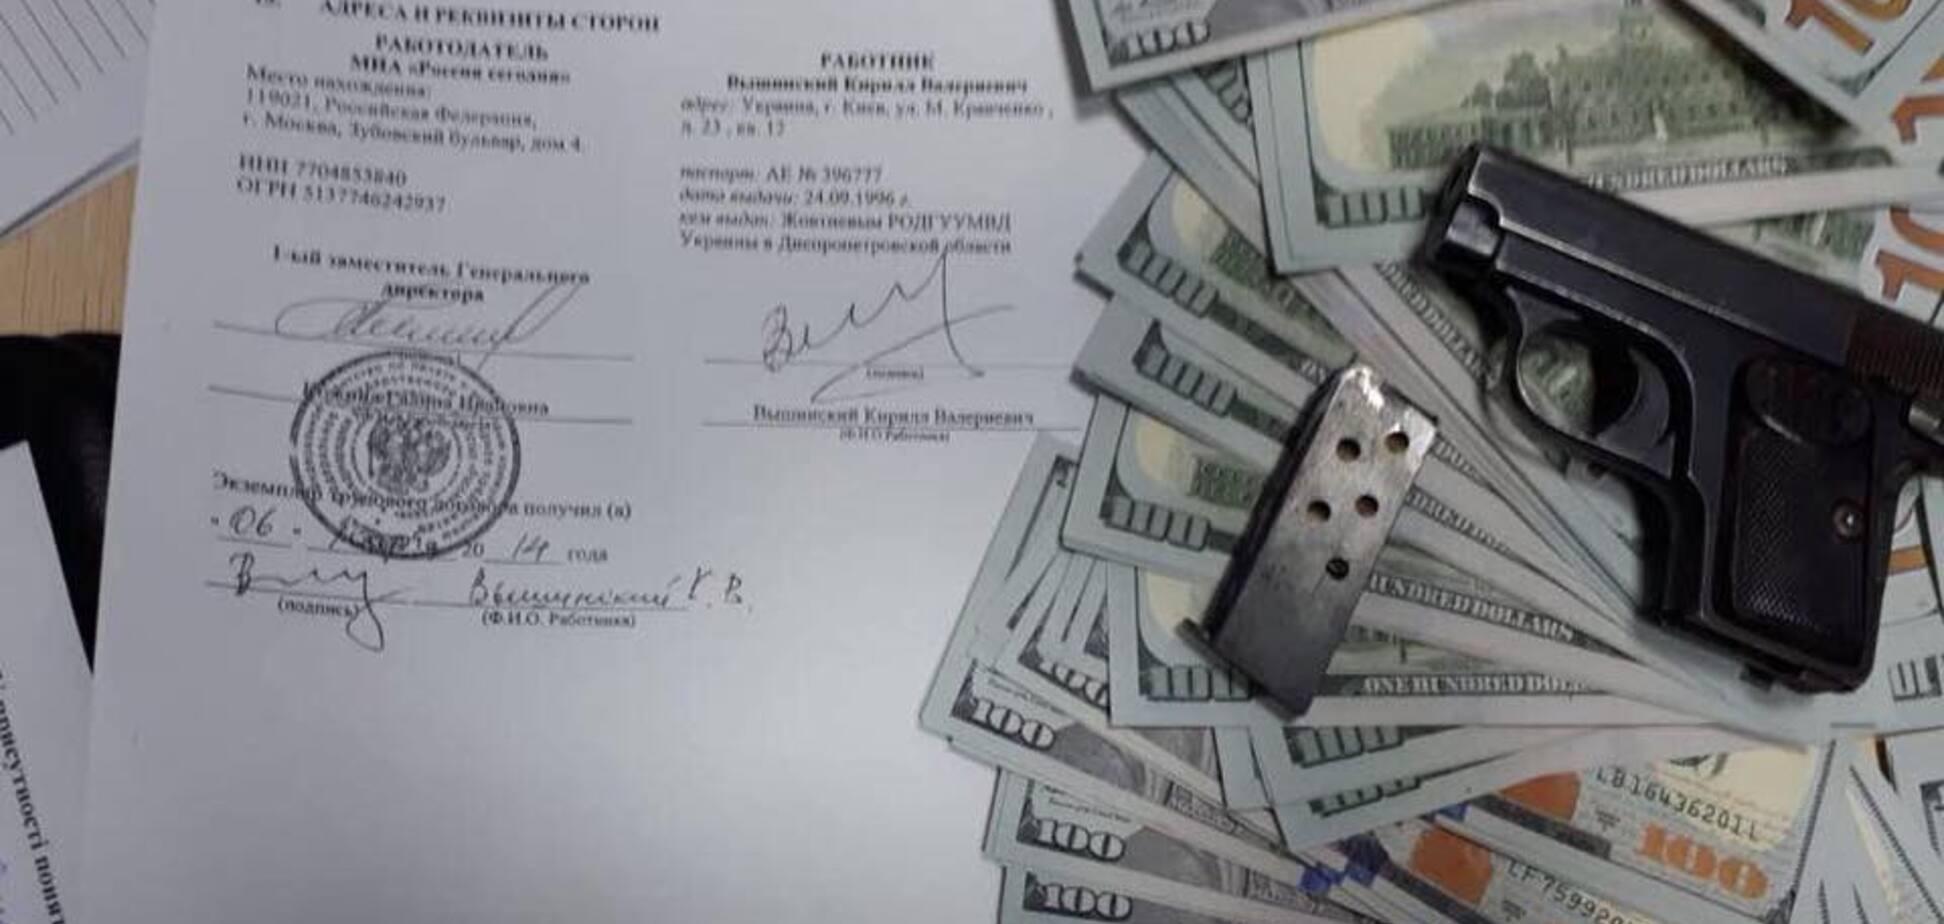 Дело Вышинского: у кремлевского пропагандиста обнаружили пистолет и кучу долларов